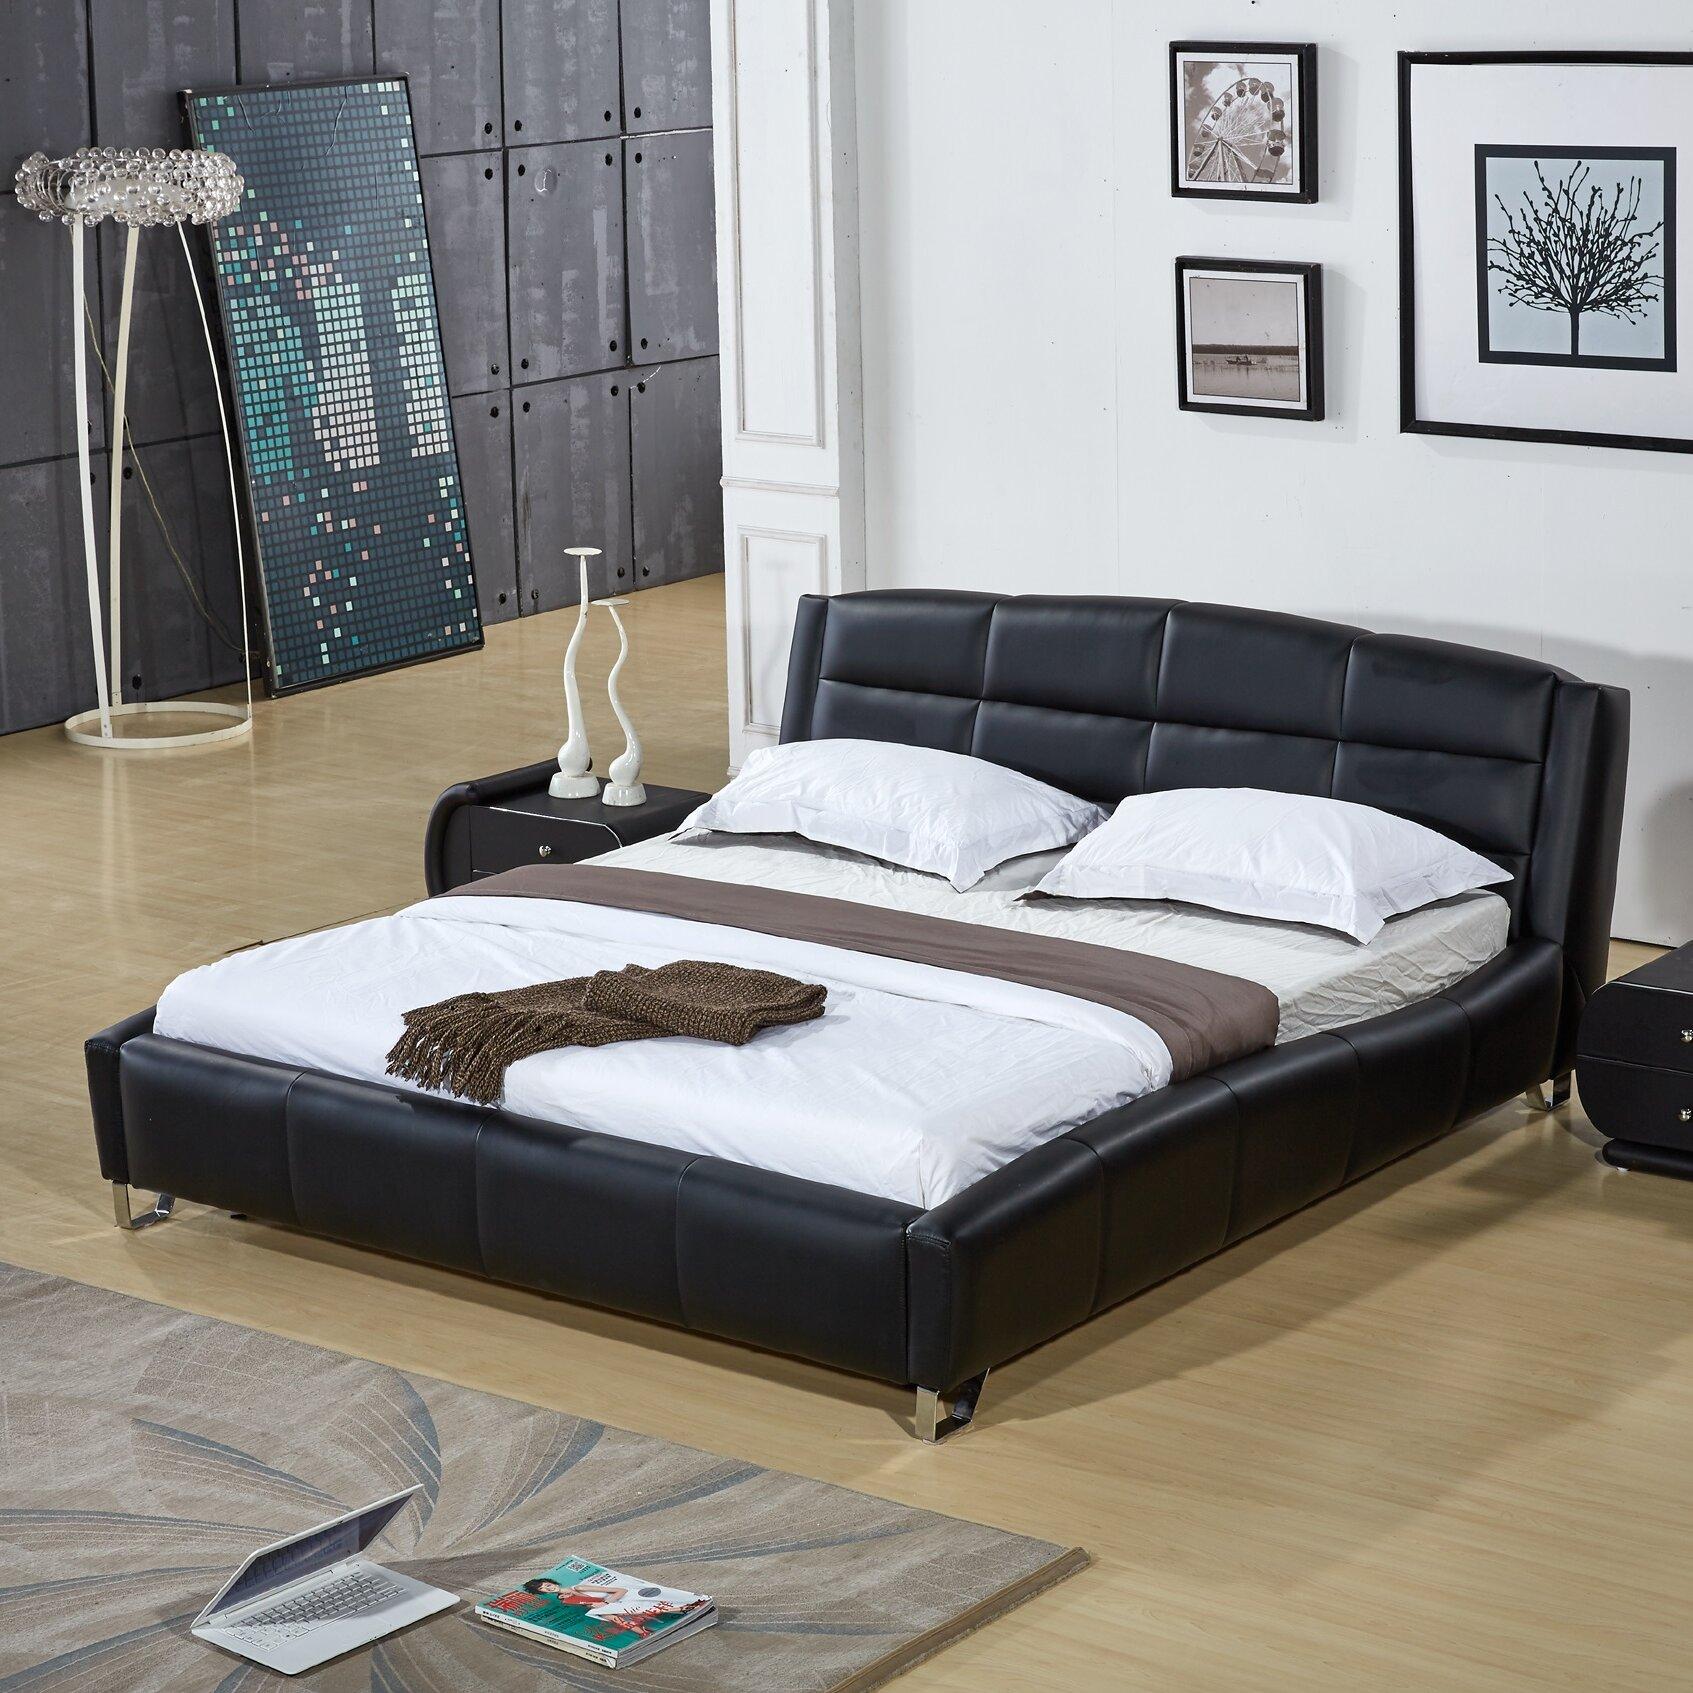 Upholstered platform bed reviews allmodern - Seagrass platform bed ...